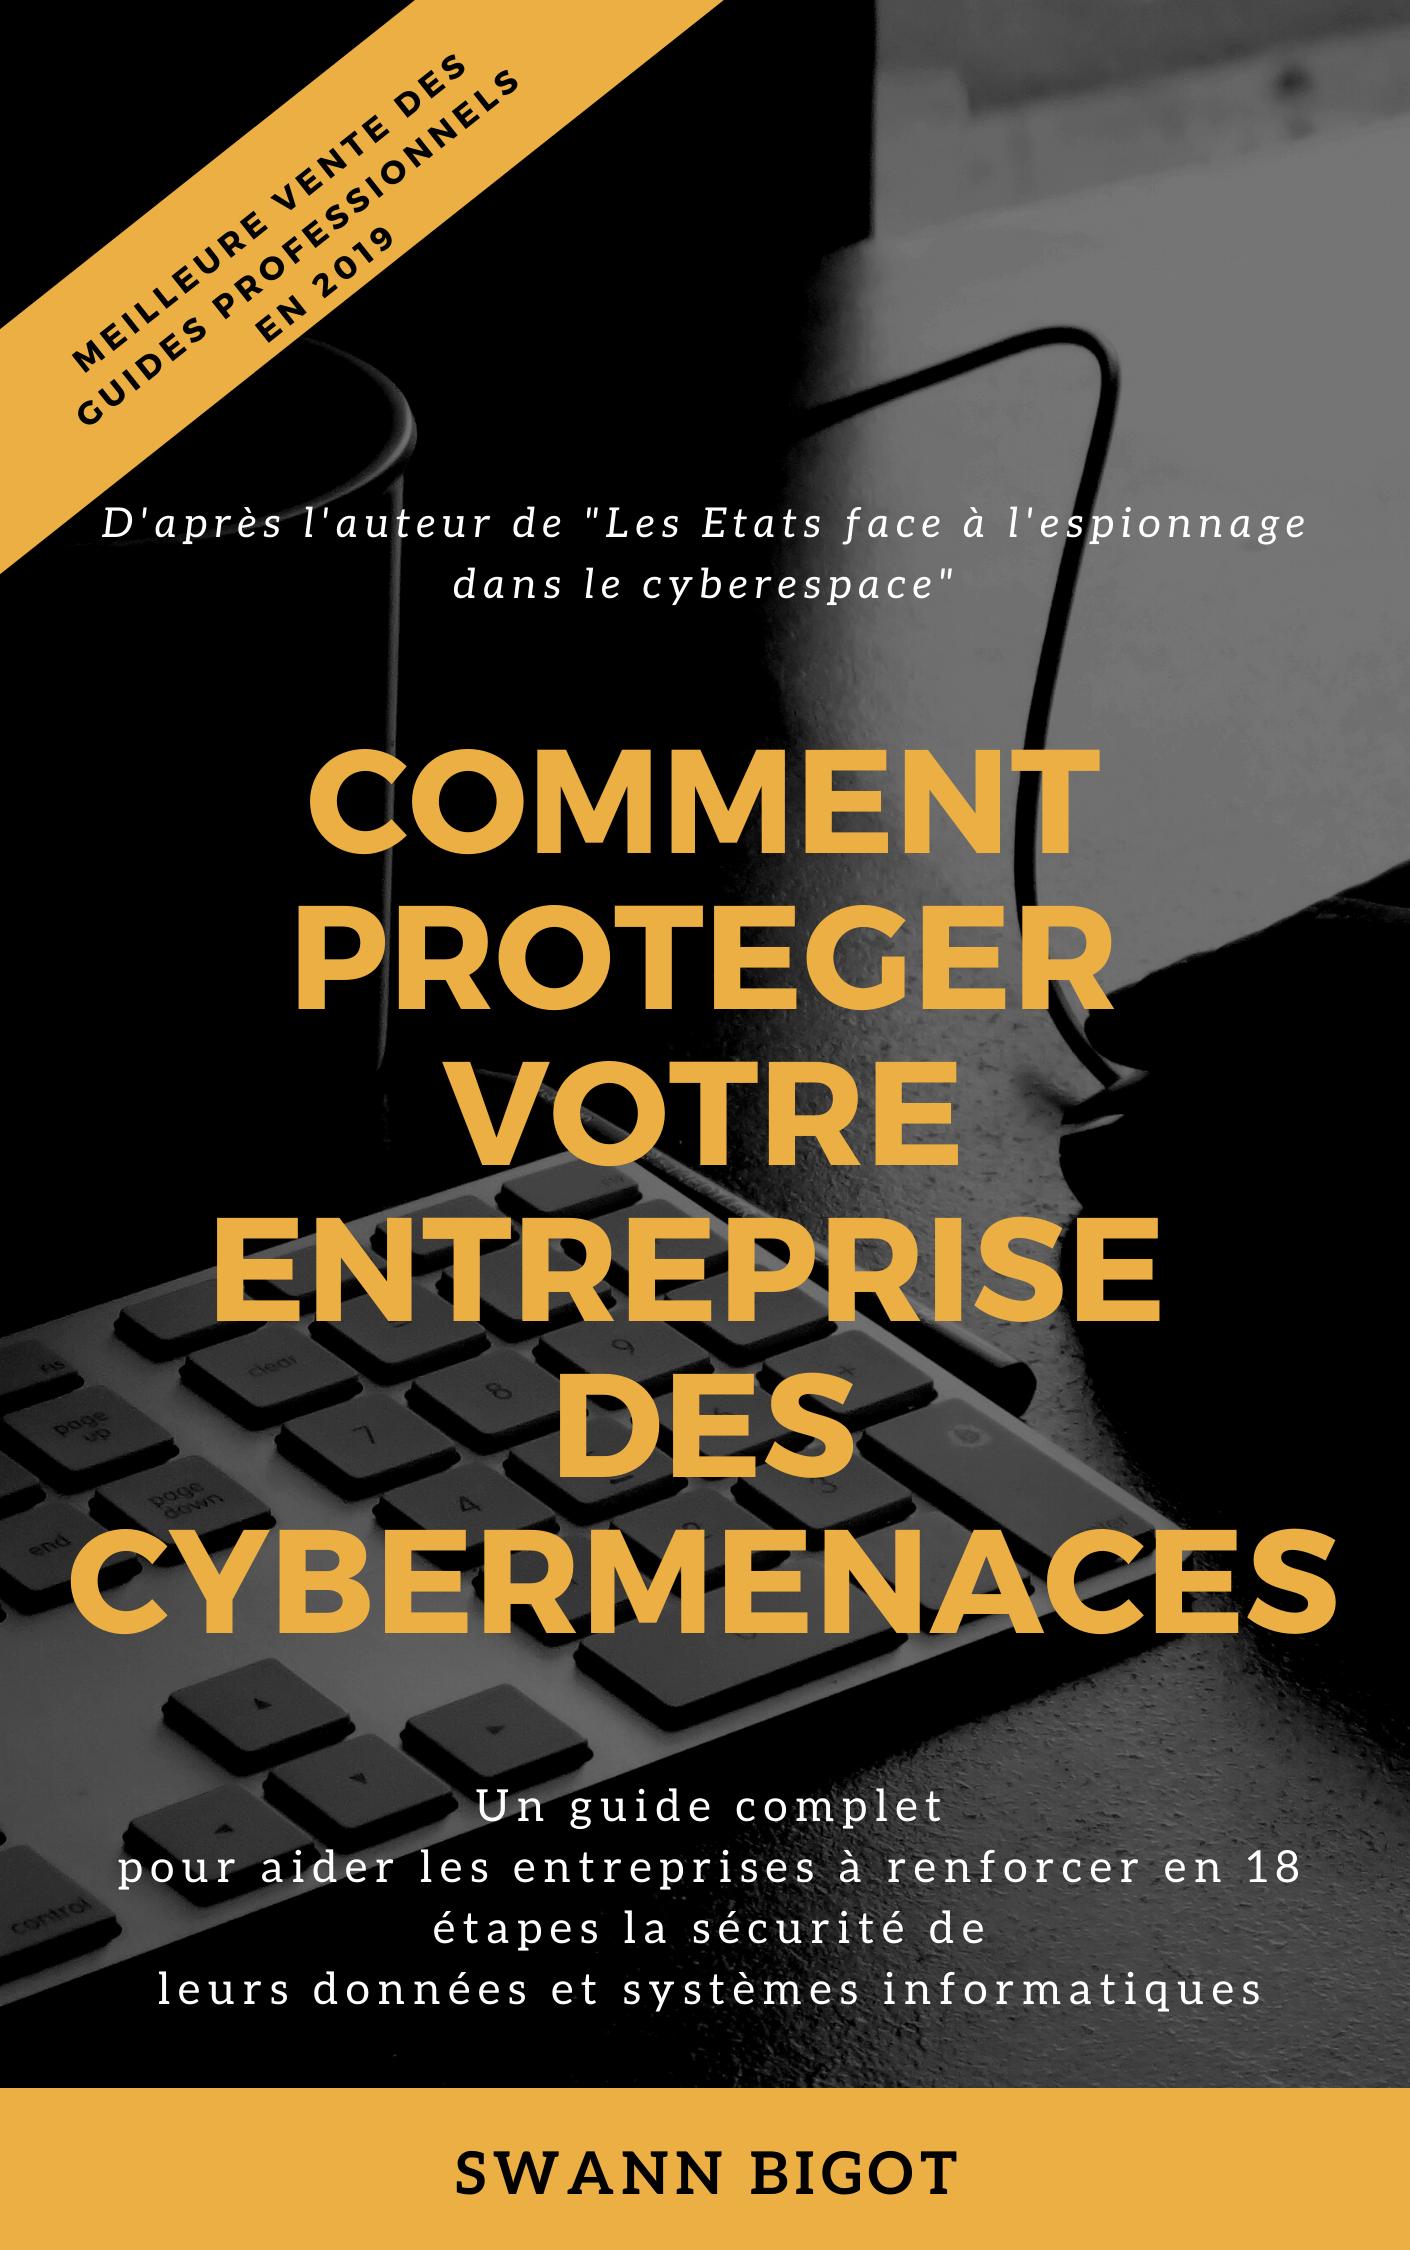 Comment proteger votre entreprise des cybermenaces